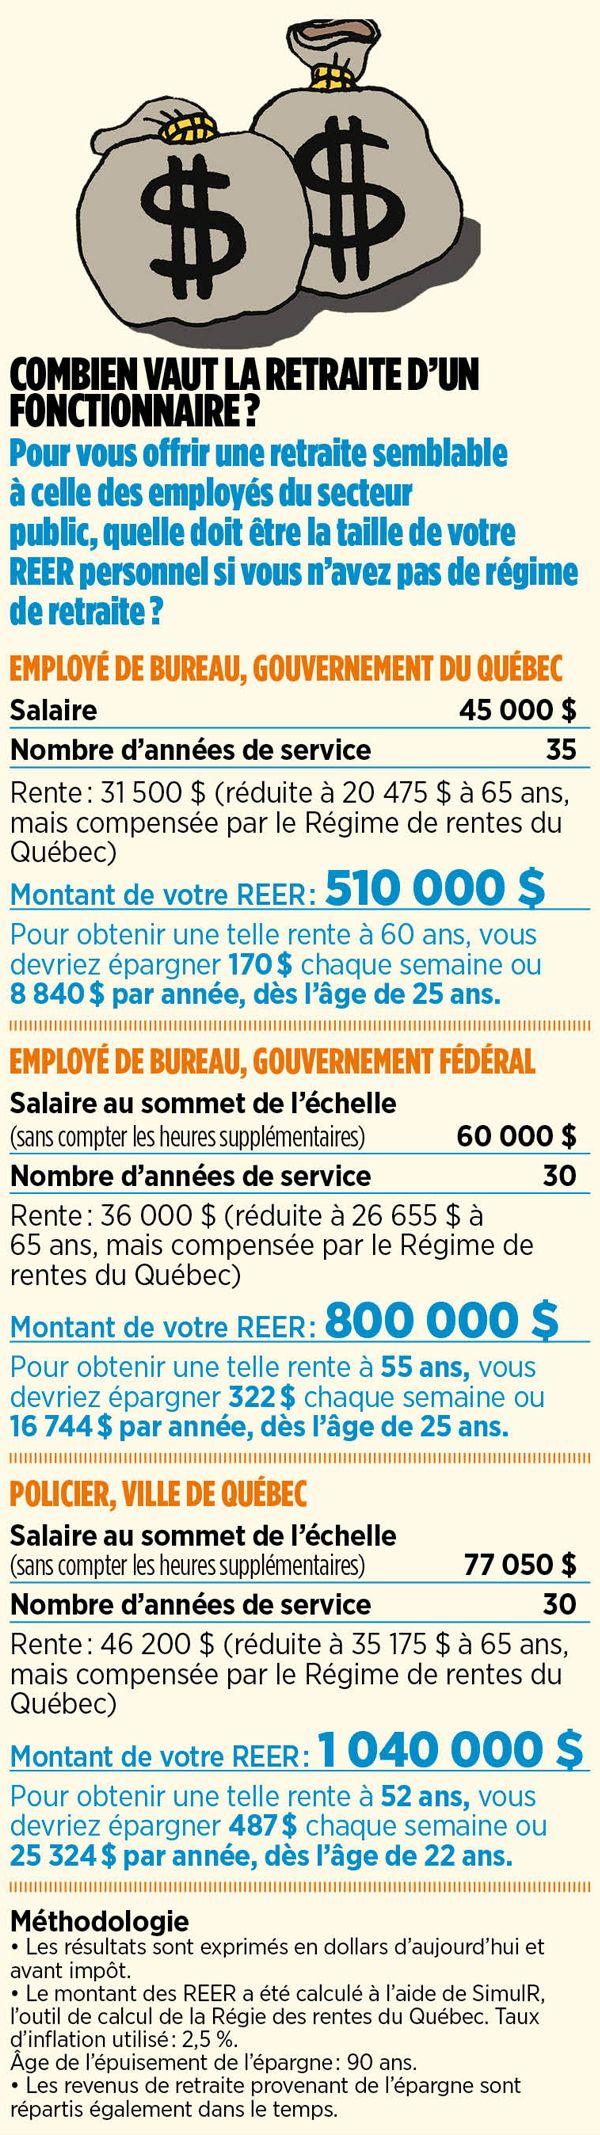 Au Québec, 61 % des travailleurs n'ont pas de régime de retraite reconnu, alors que près d'un million d'employés du secteur public en ont un, financé en grande partie par l'employeur, donc les contribuables. L'affrontement s'annonce rude.